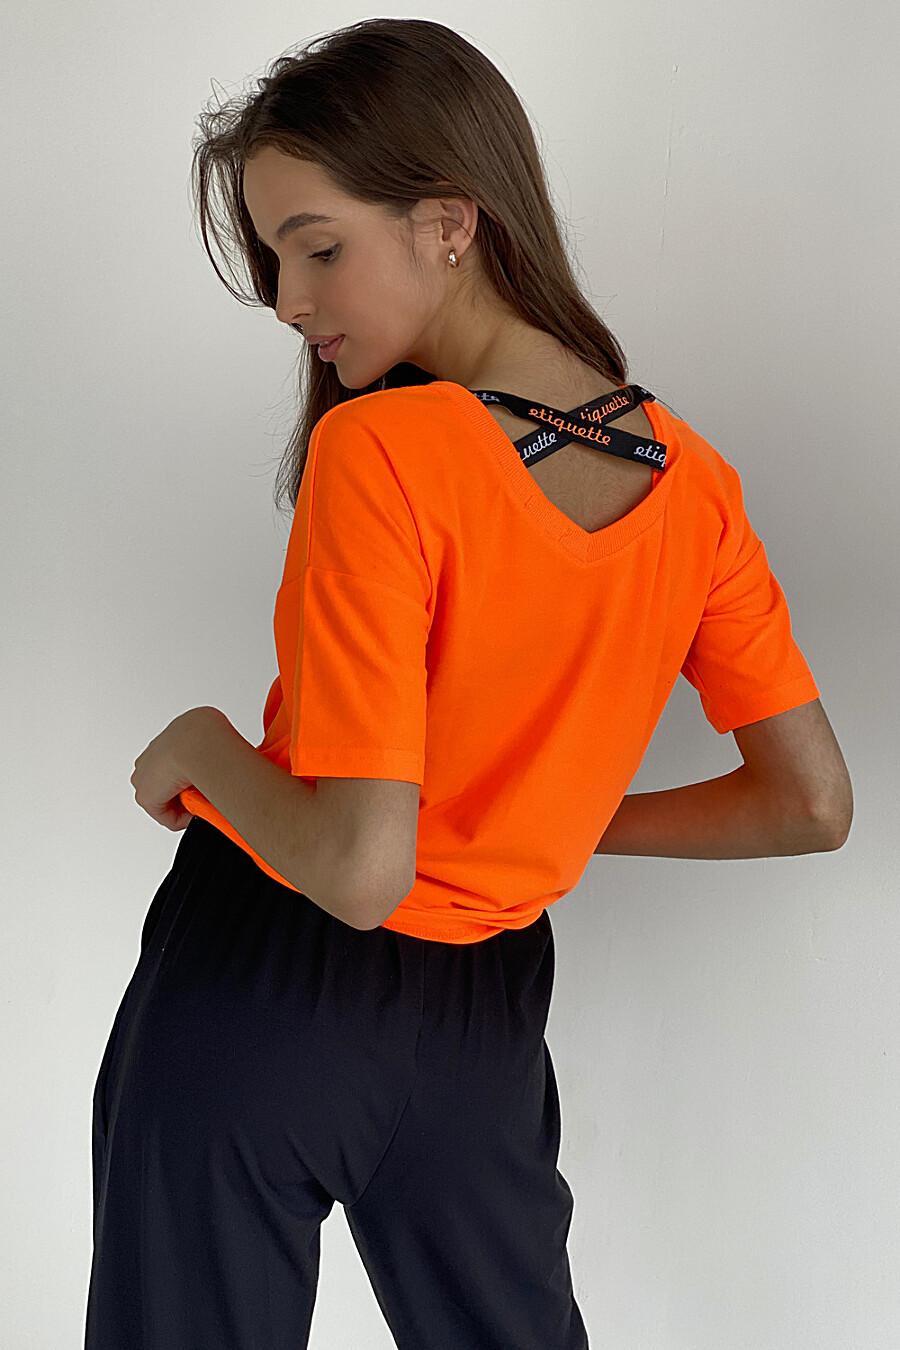 Футболка 8080 для женщин НАТАЛИ 649580 купить оптом от производителя. Совместная покупка женской одежды в OptMoyo